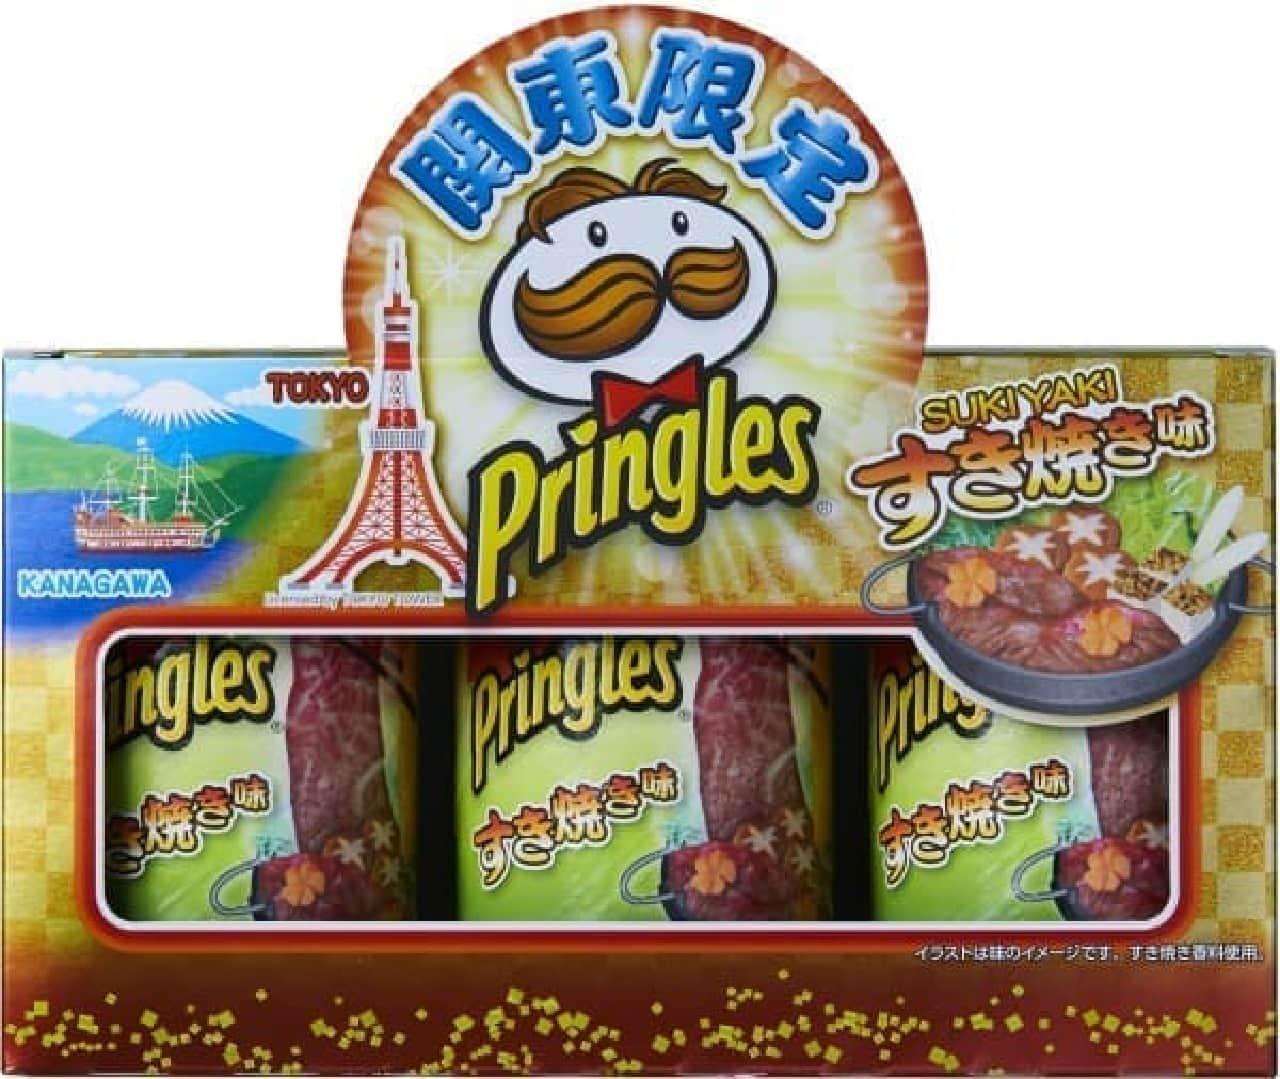 『プリングルズ』に関東エリア限定フレーバー「すき焼き味」